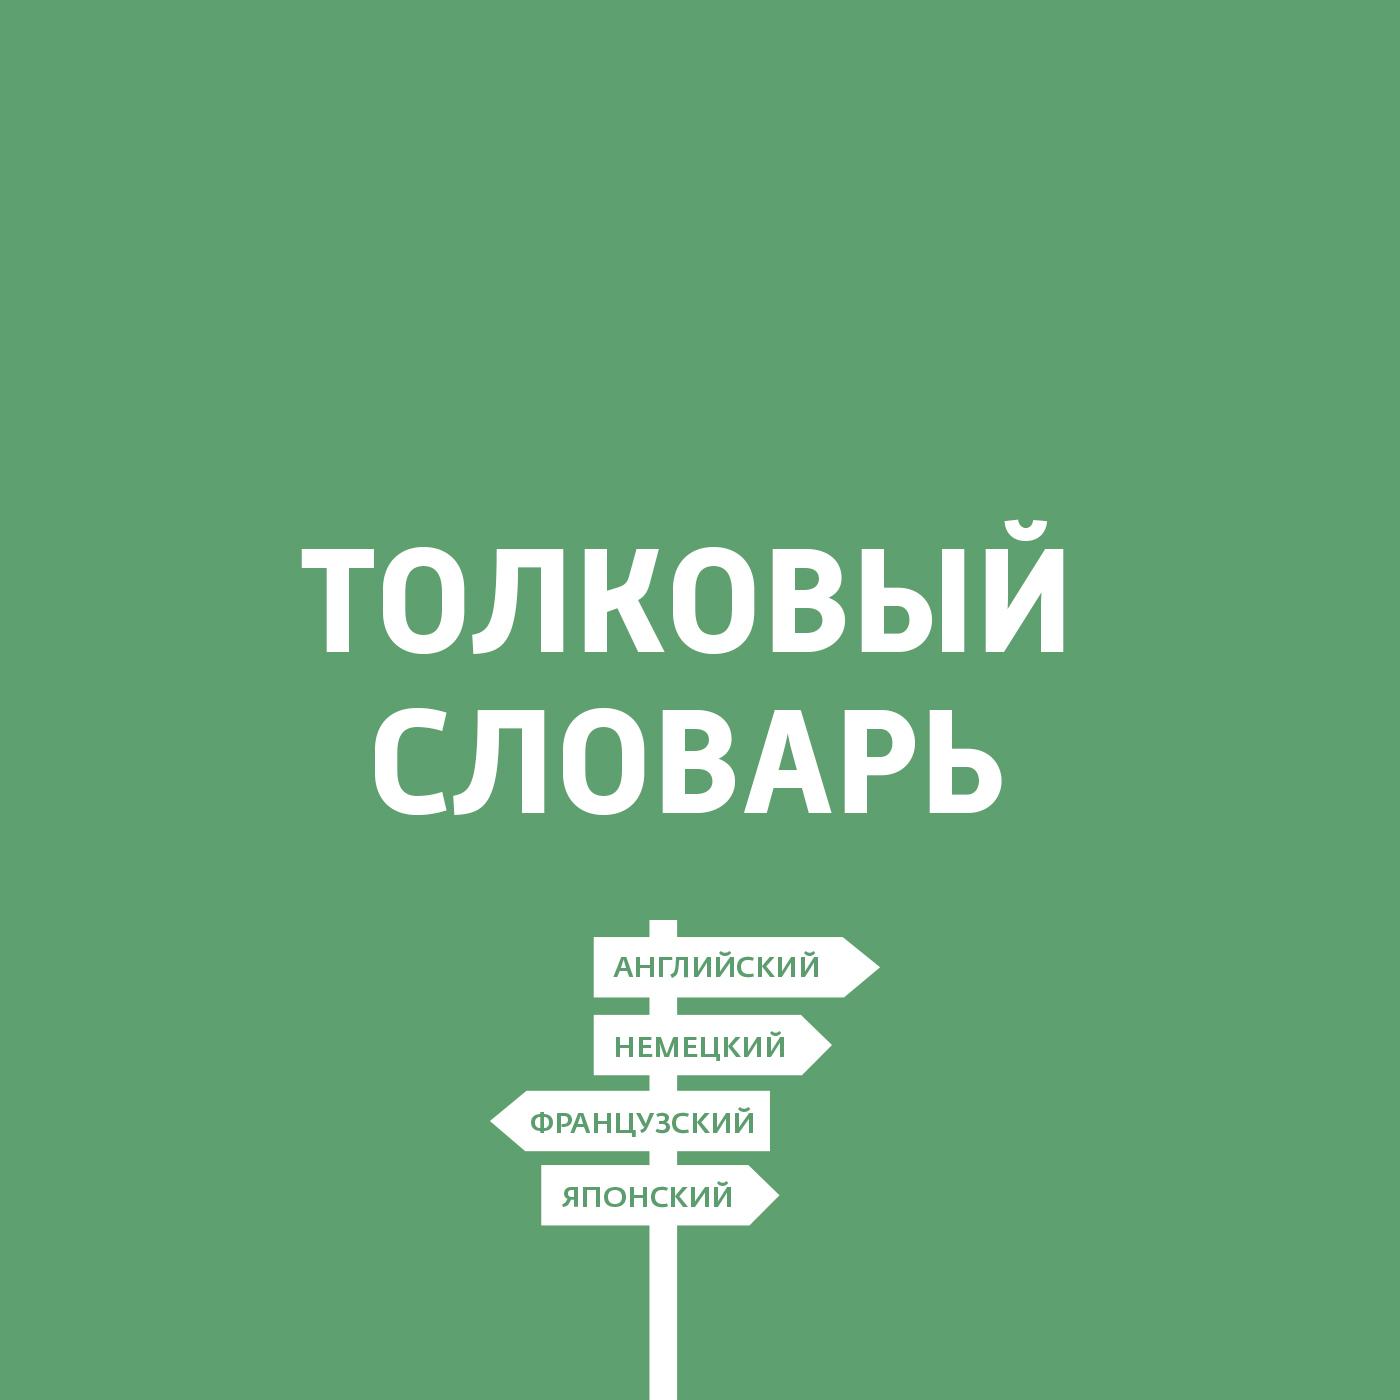 Дмитрий Петров Курьезная история английского языка. Современность дмитрий петров путешествие в индию